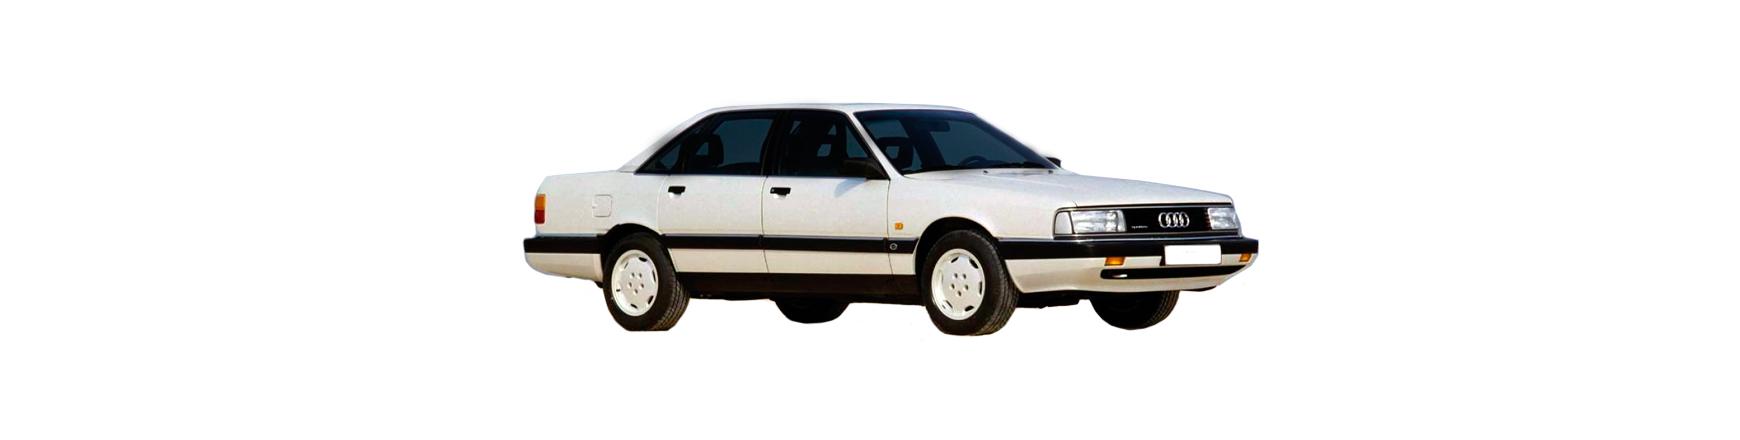 Audi 200 de 1979, 1980, 1981 y 1982. Recambios nuevos  de Automóvil.